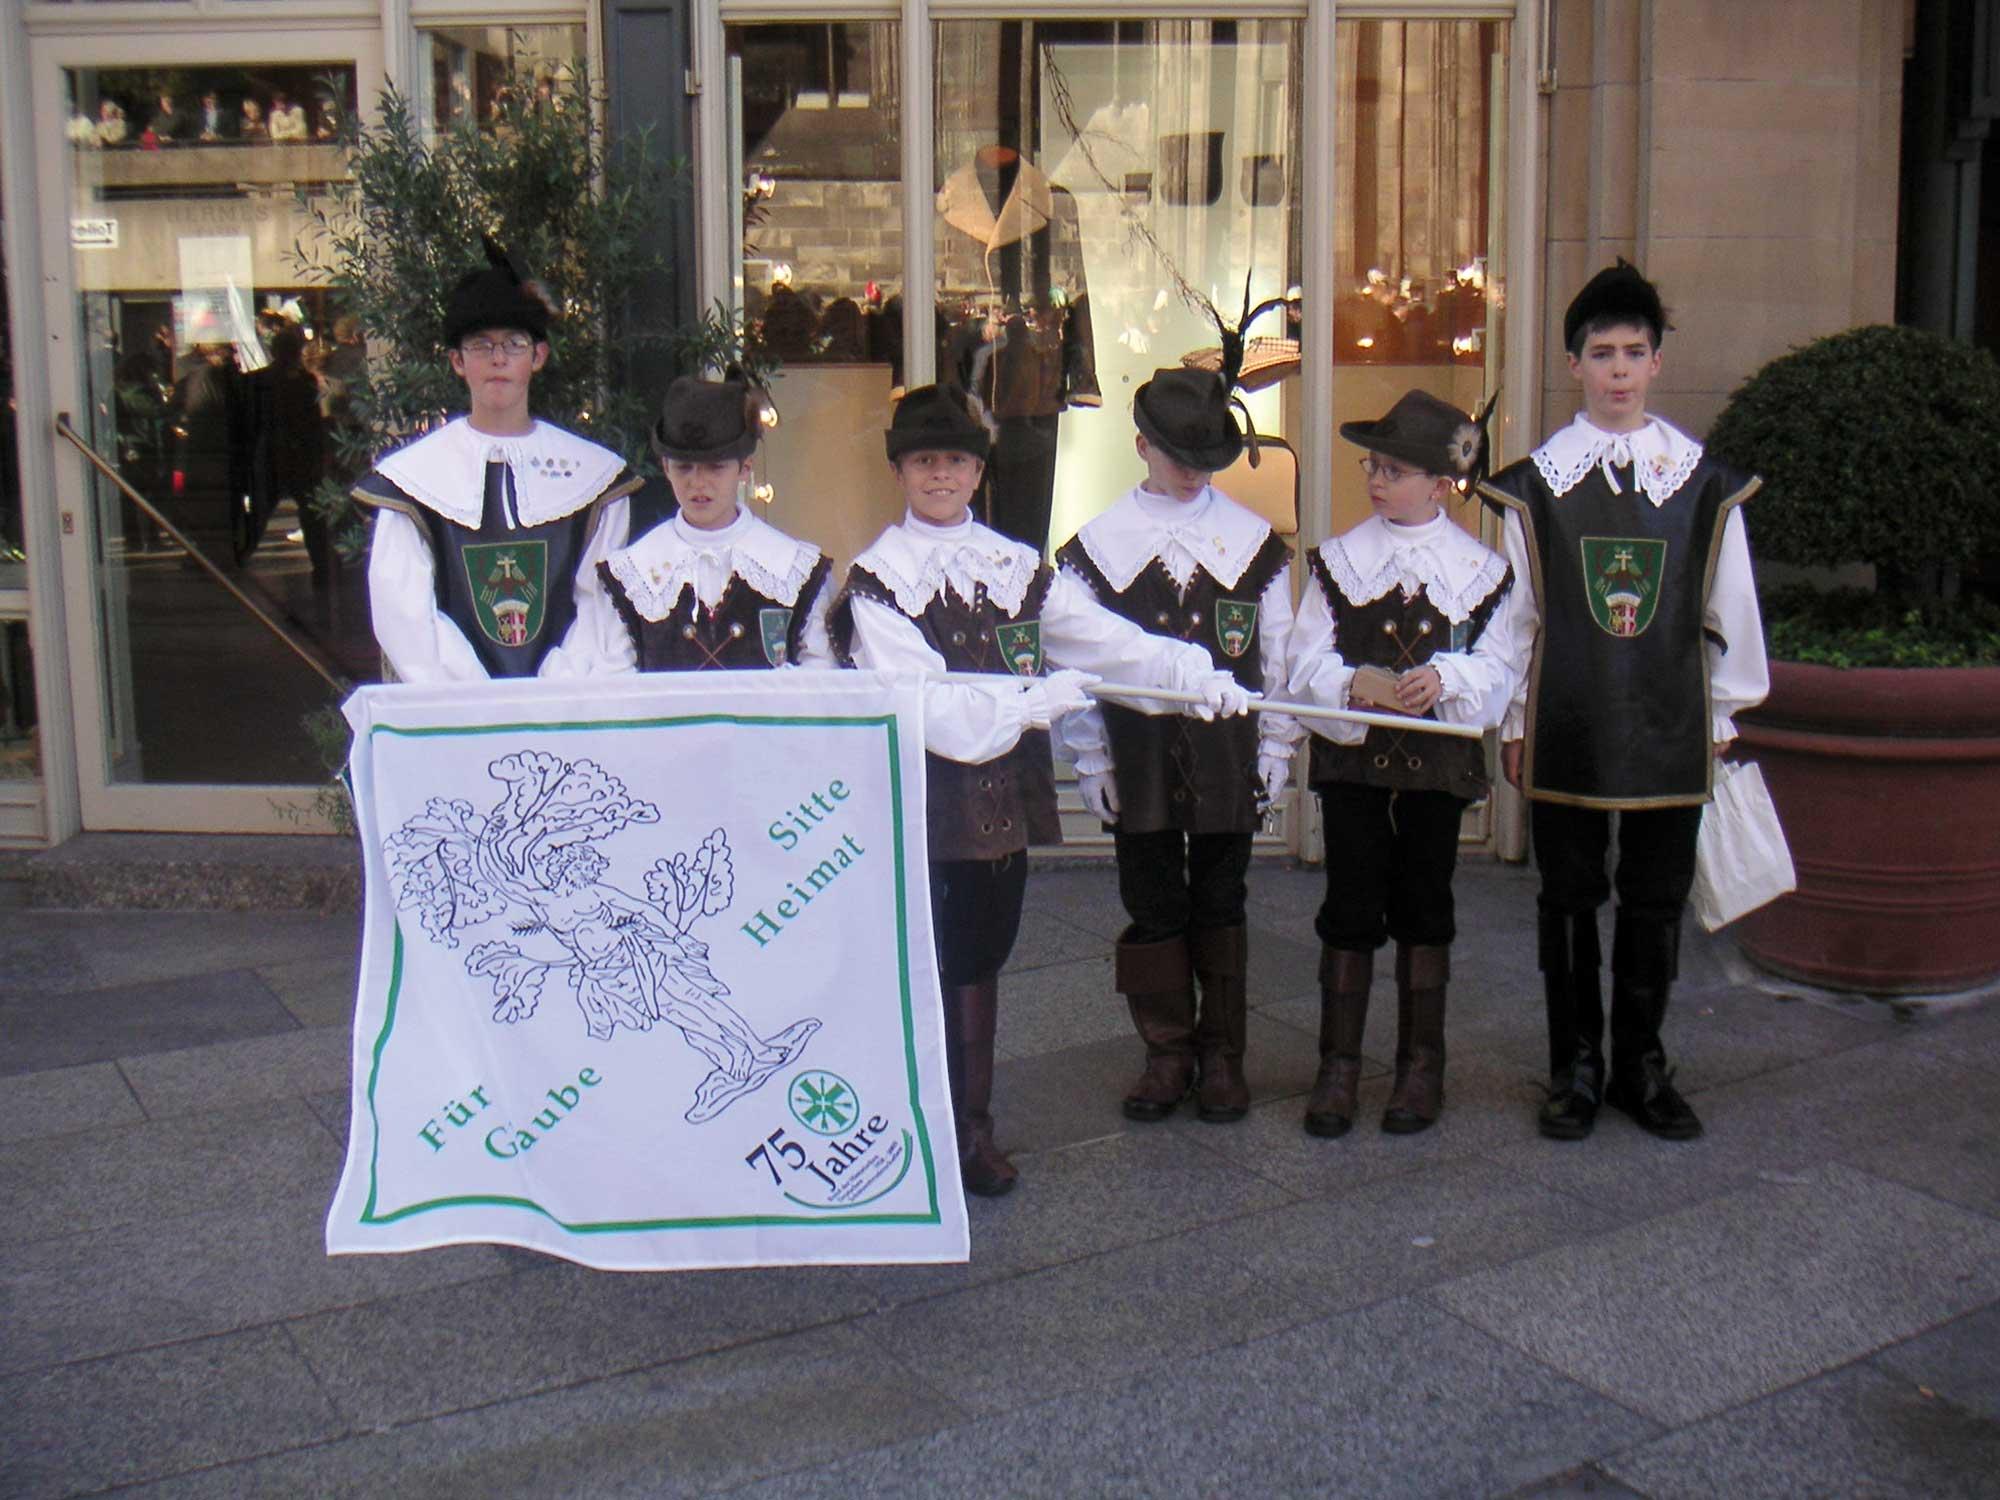 Bogenschützen 2003